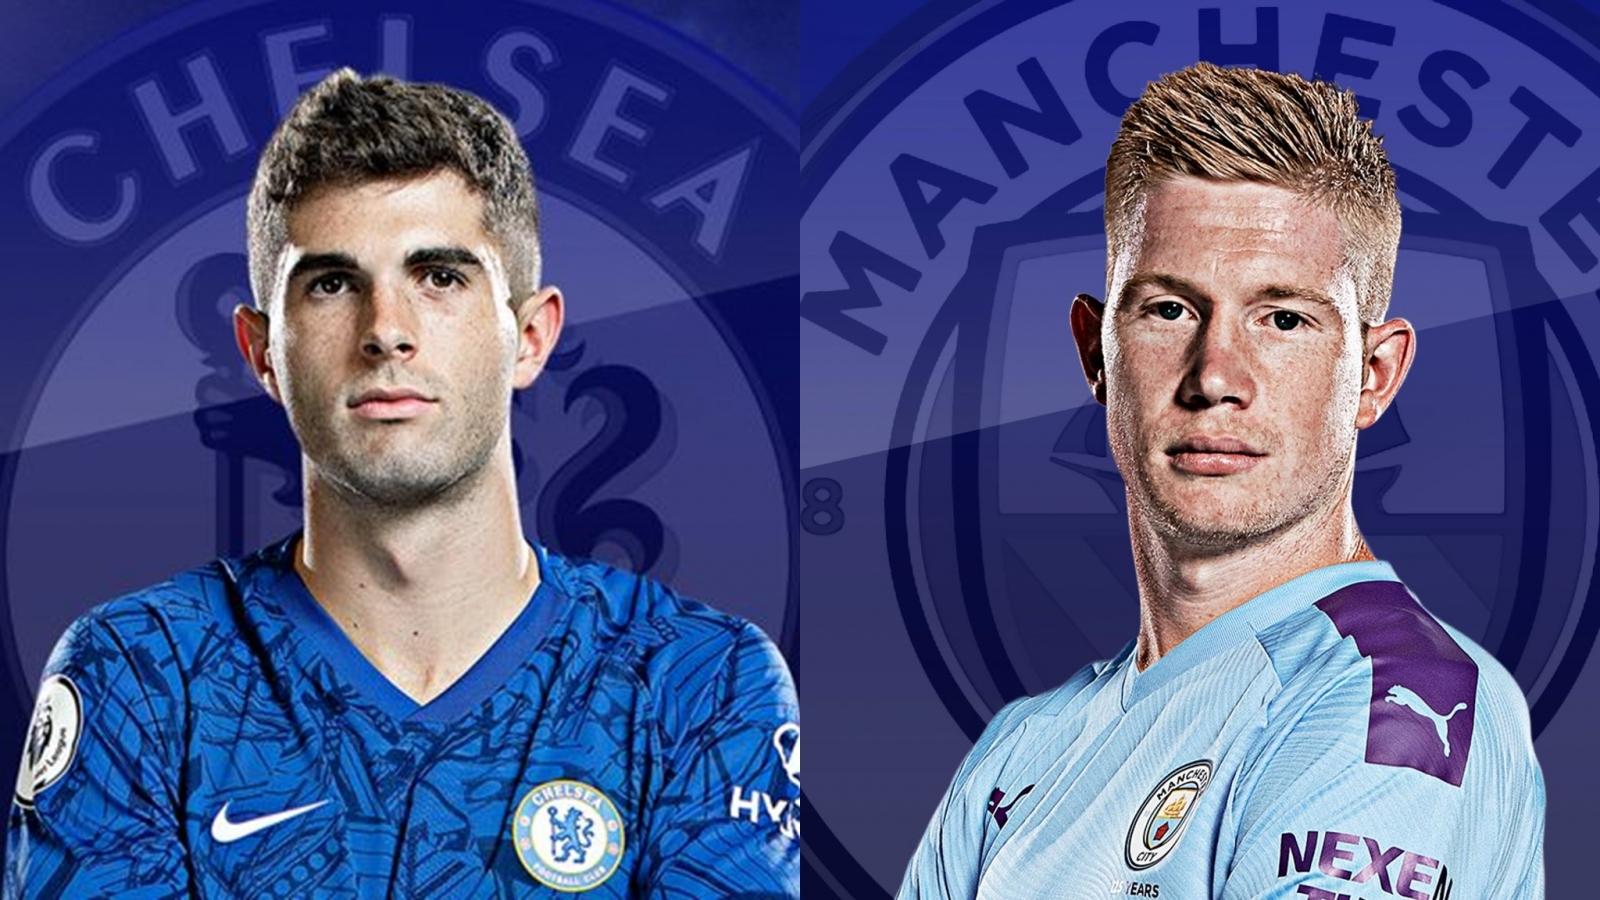 Đội hình dự kiến Chelsea - Man City: Pulisic so giày De Bruyne